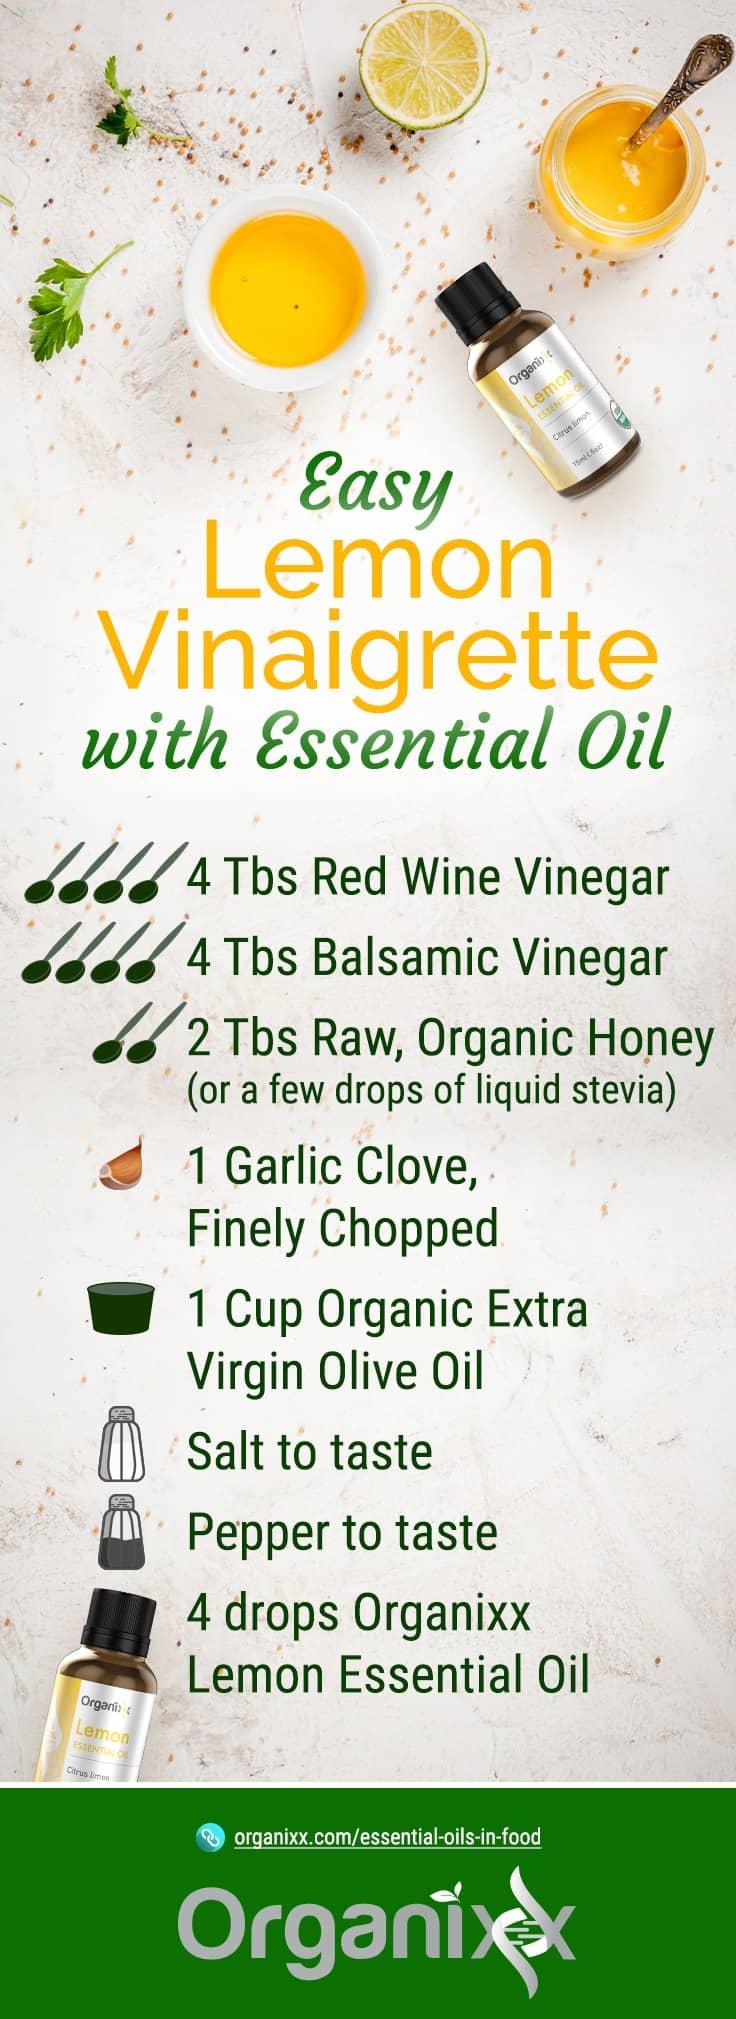 Lemon Vinaigrette Recepie